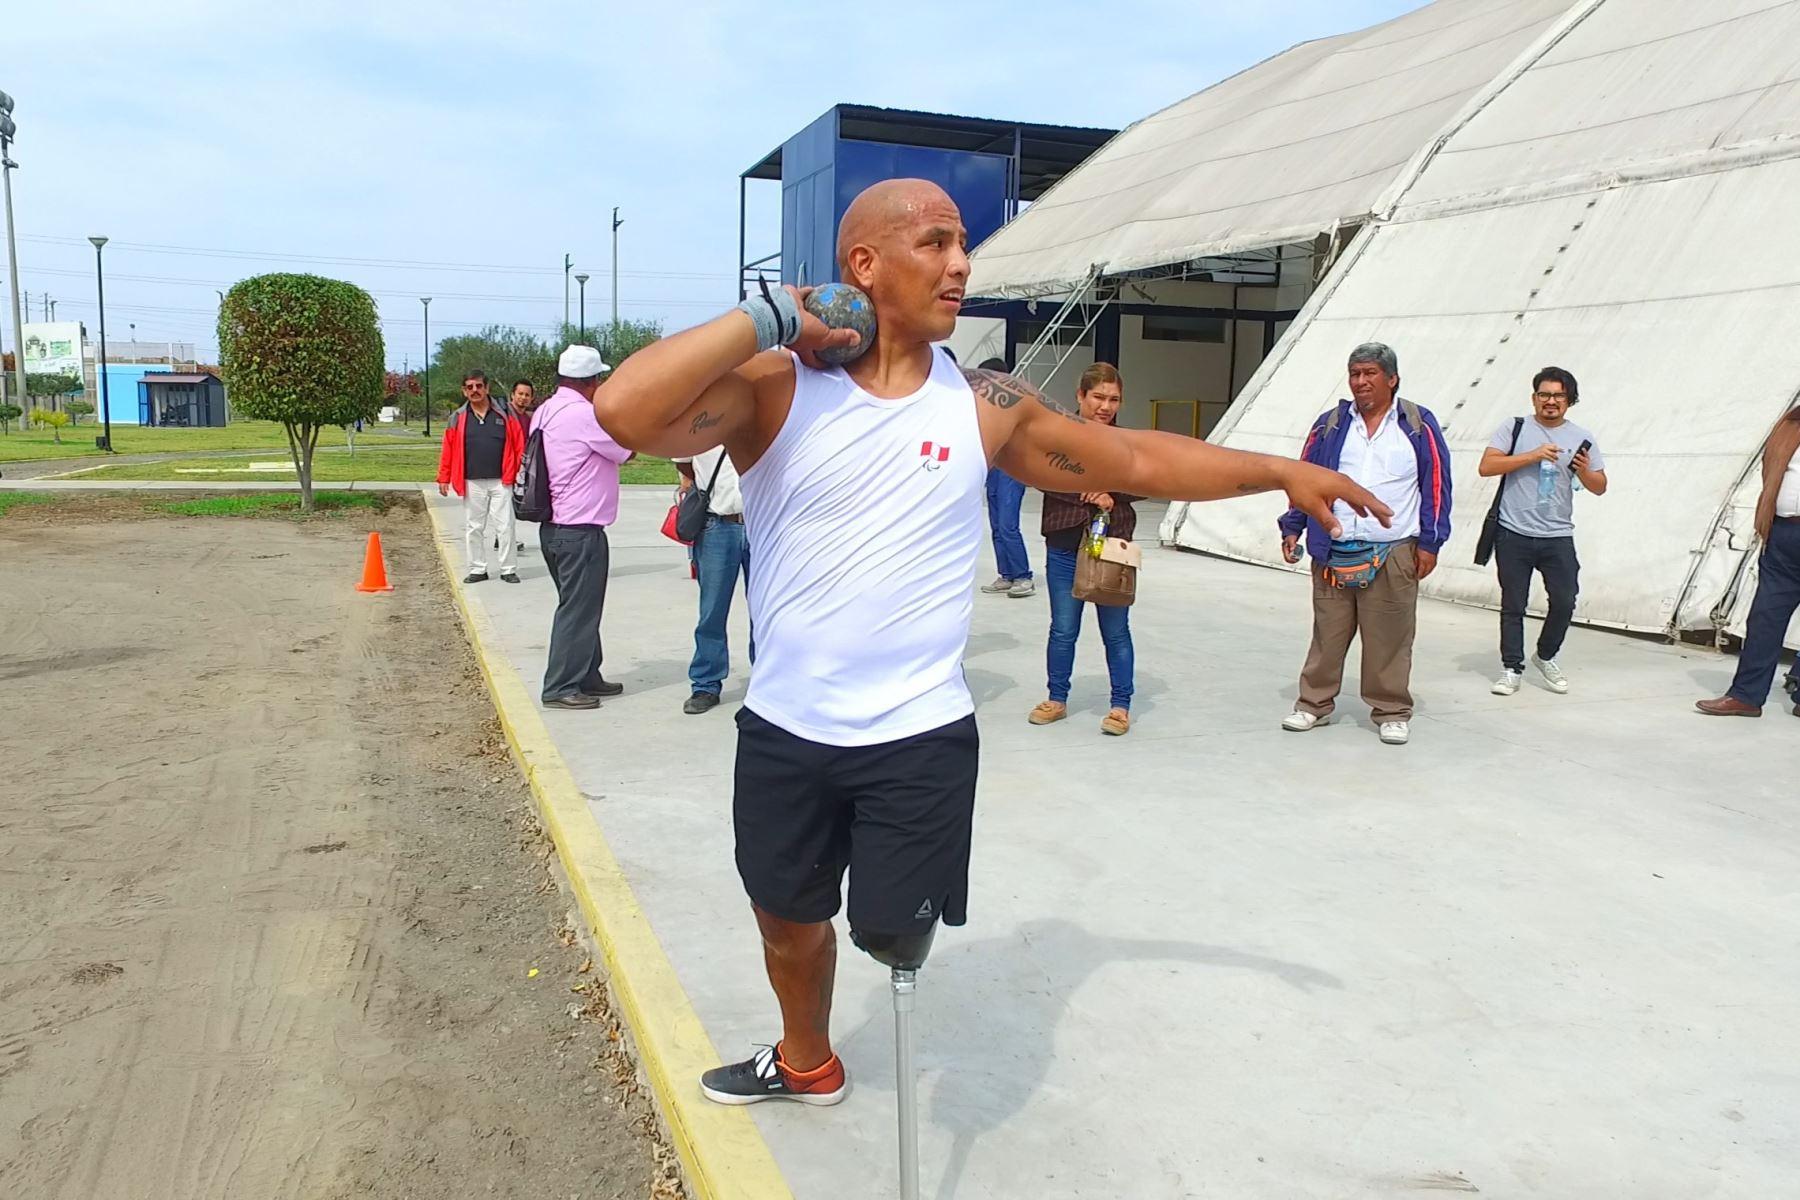 """Conoce a Carlos Felipa, el """"hombre de acero"""" que competirá en los Juegos Parapanamericanos Lima 2019. ANDINA/Gonzalo Horna"""